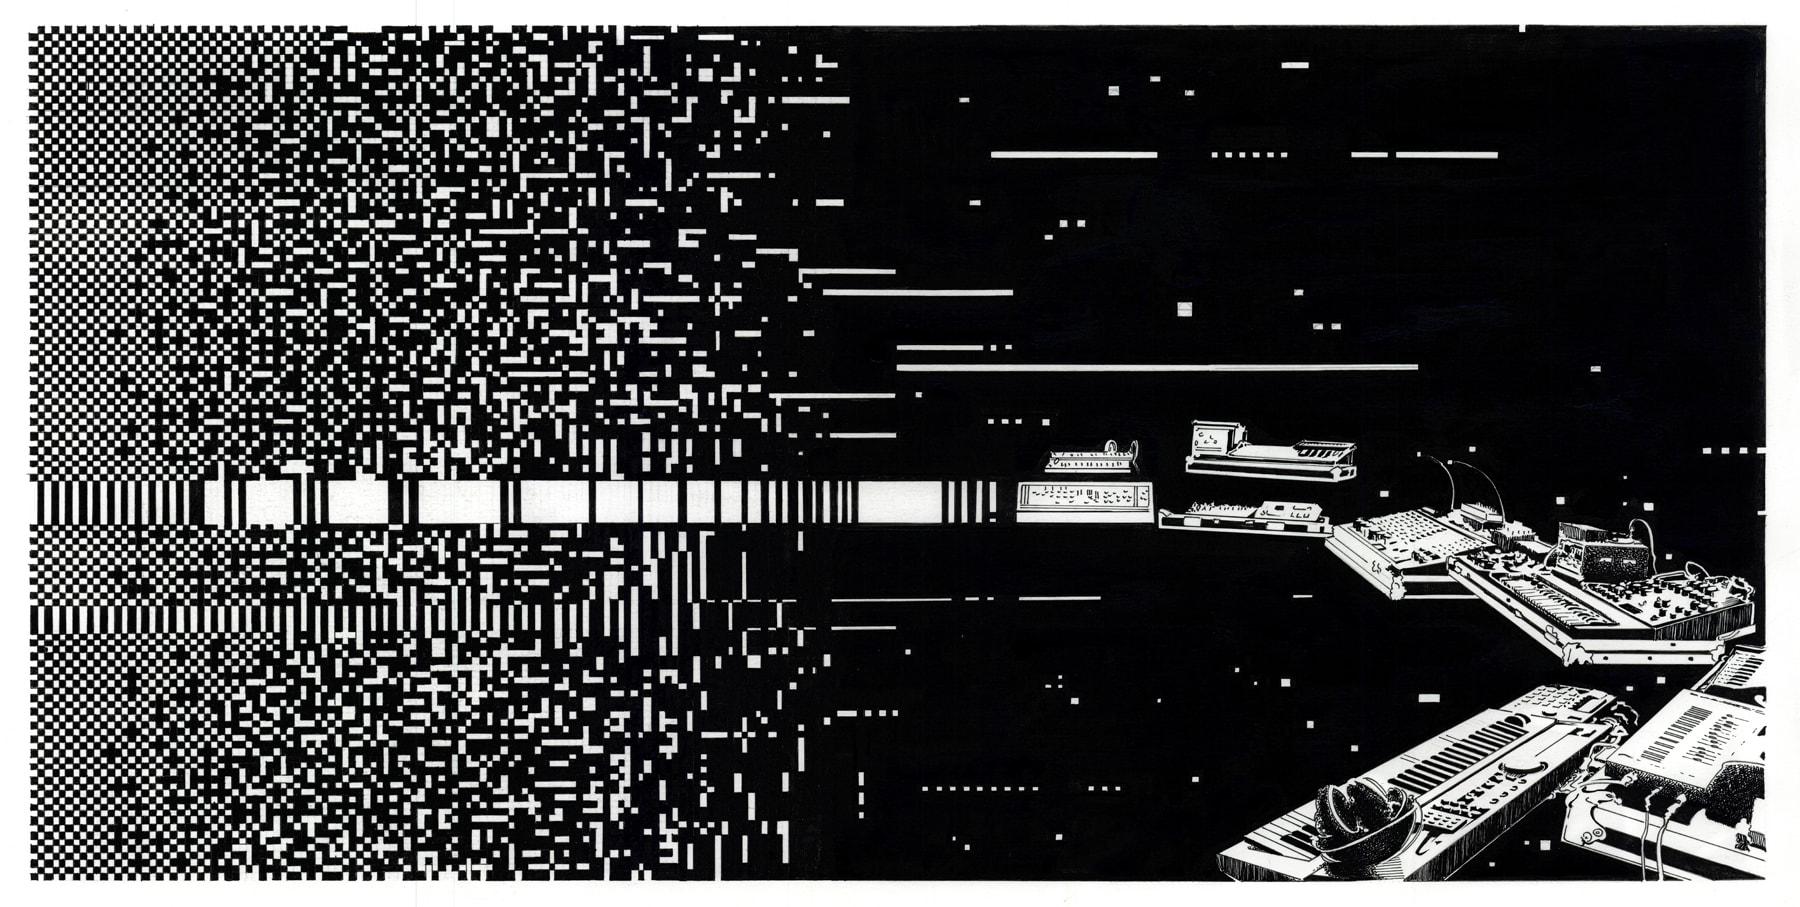 Detail afbeelding 4 van Meteor Musik | Ontwerp door Stefaan Beeckaert